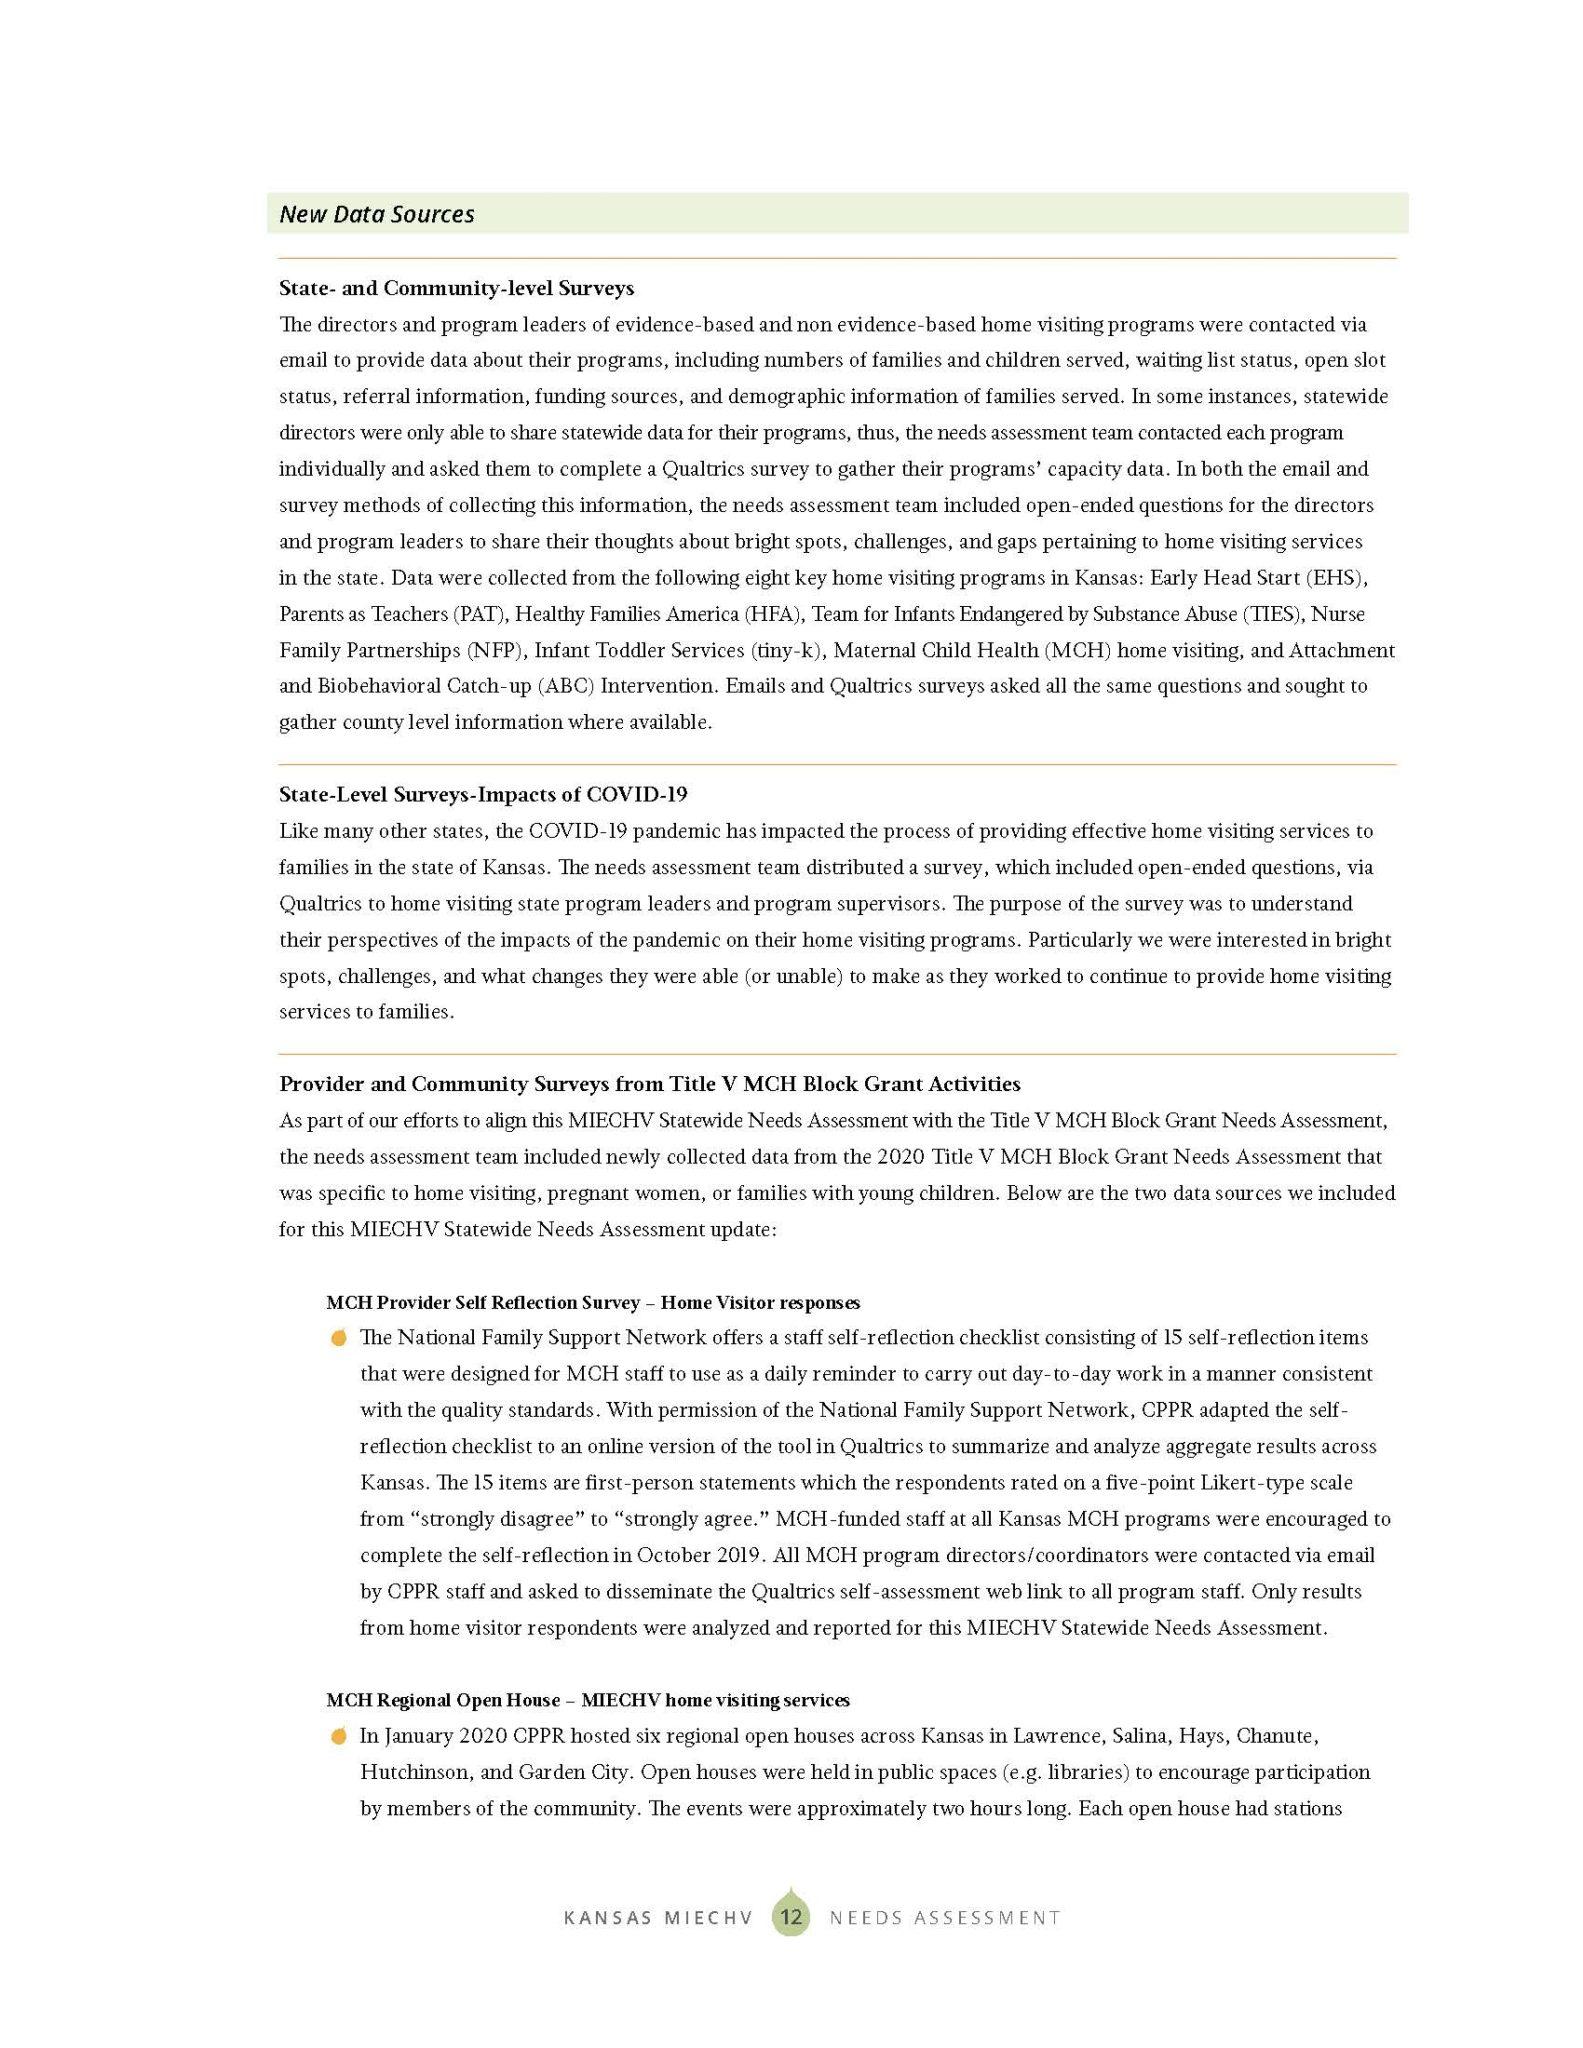 KS MIECHV 2020 Needs Assessment_DIGITAL_Page_020